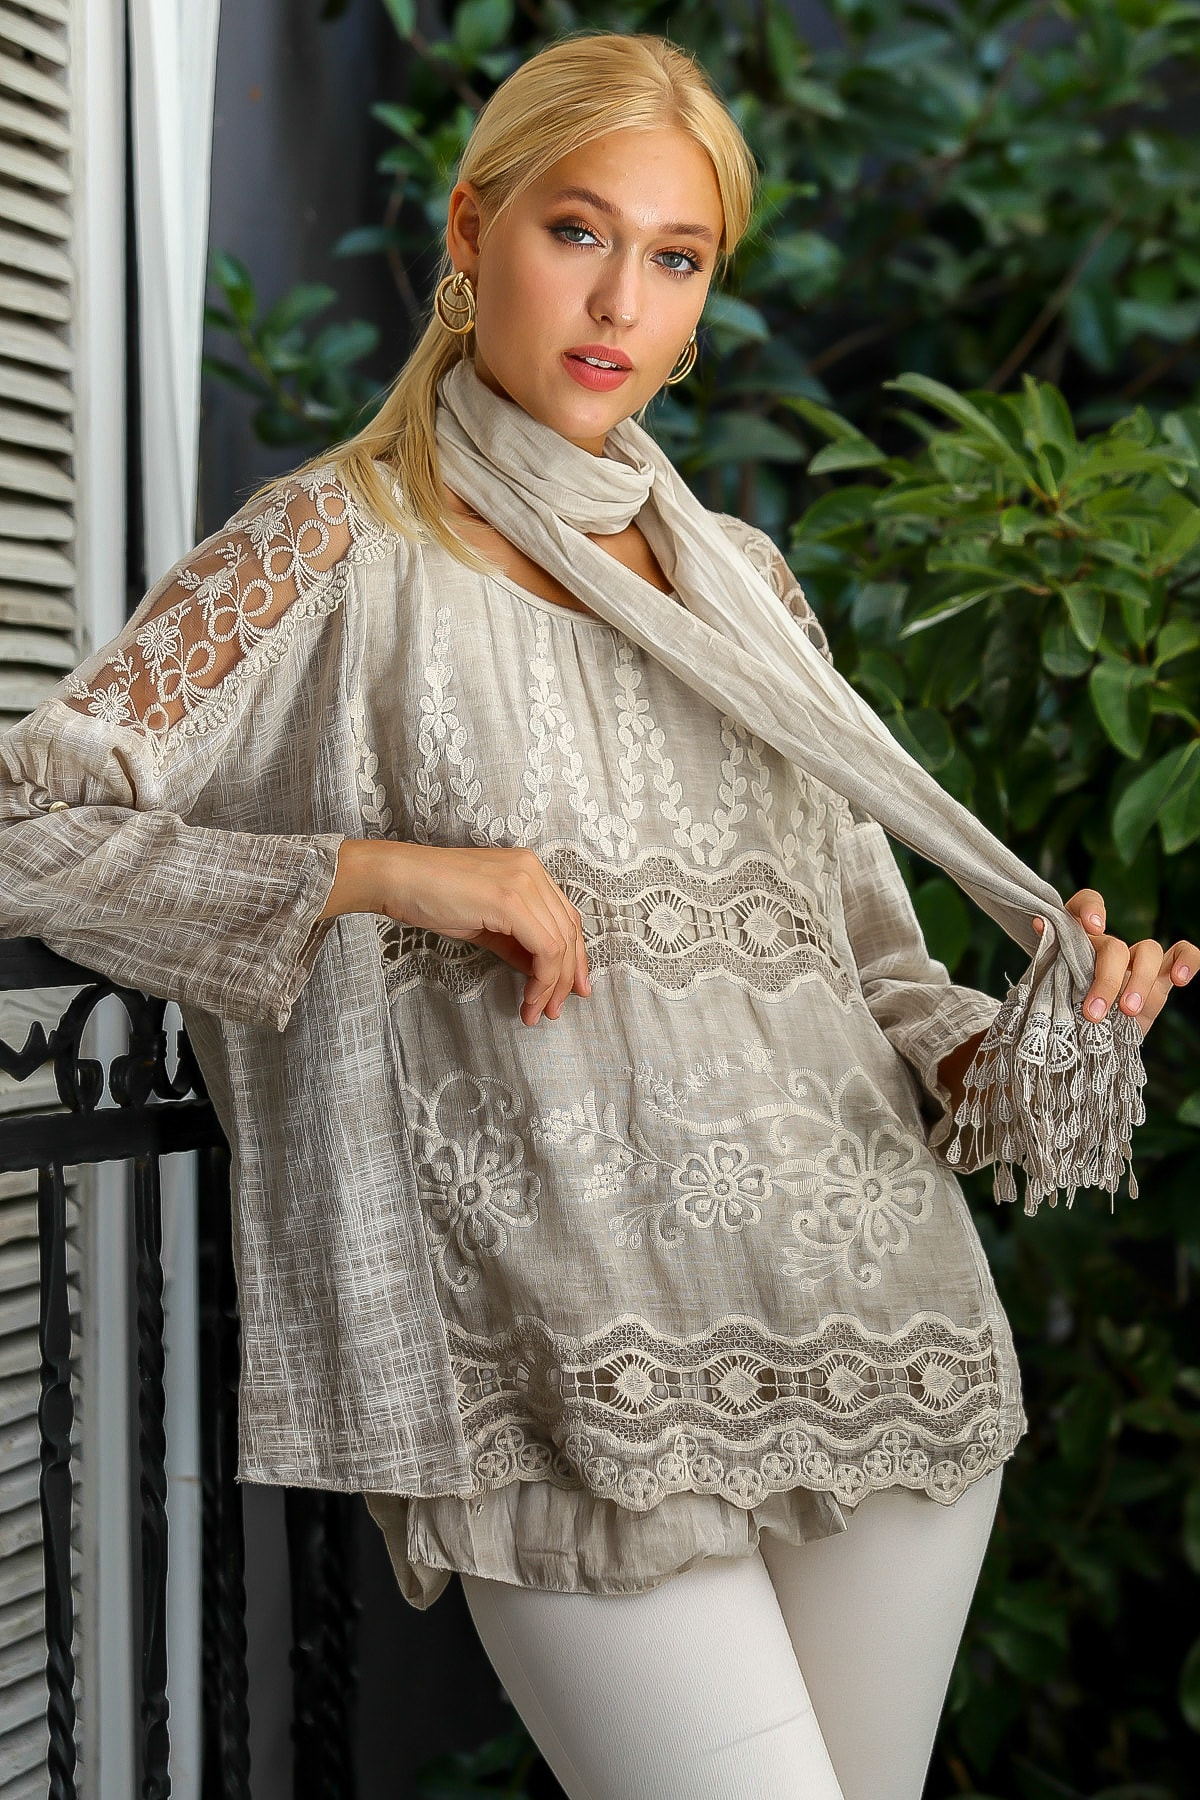 Chiccy Kadın Vizon İtalyan Omuzları Ve Ön Bedeni Dantel Detaylı Astarlı Dokuma Bluz M10010200BL94915